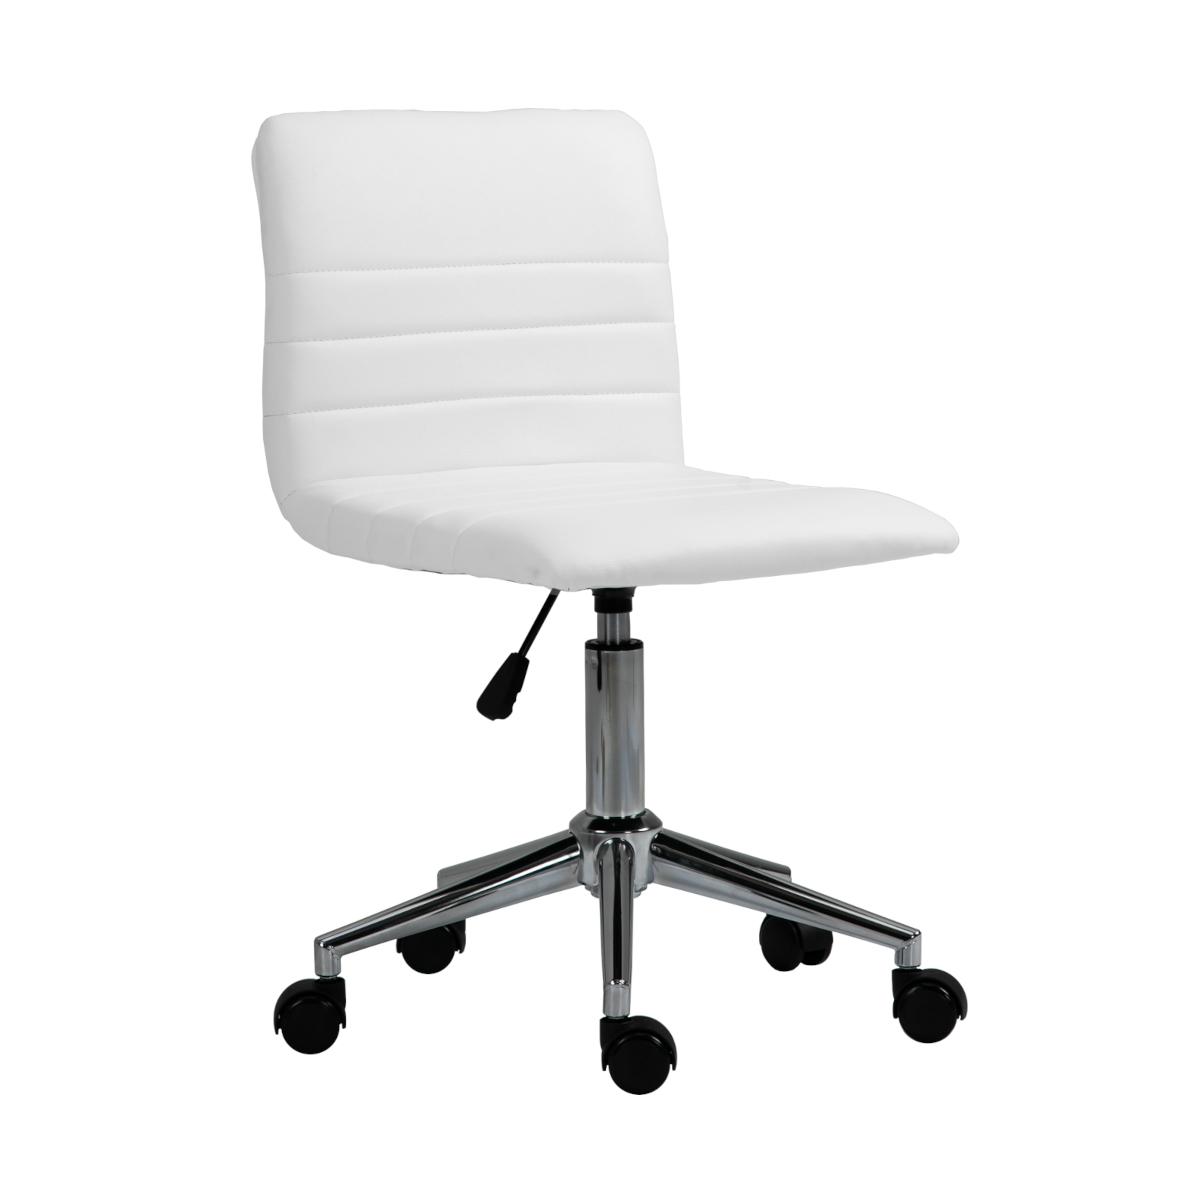 92213 SVITA LINUS Schreibtischstuhl Kinder Drehstuhl Kunstlederbezug Weiß